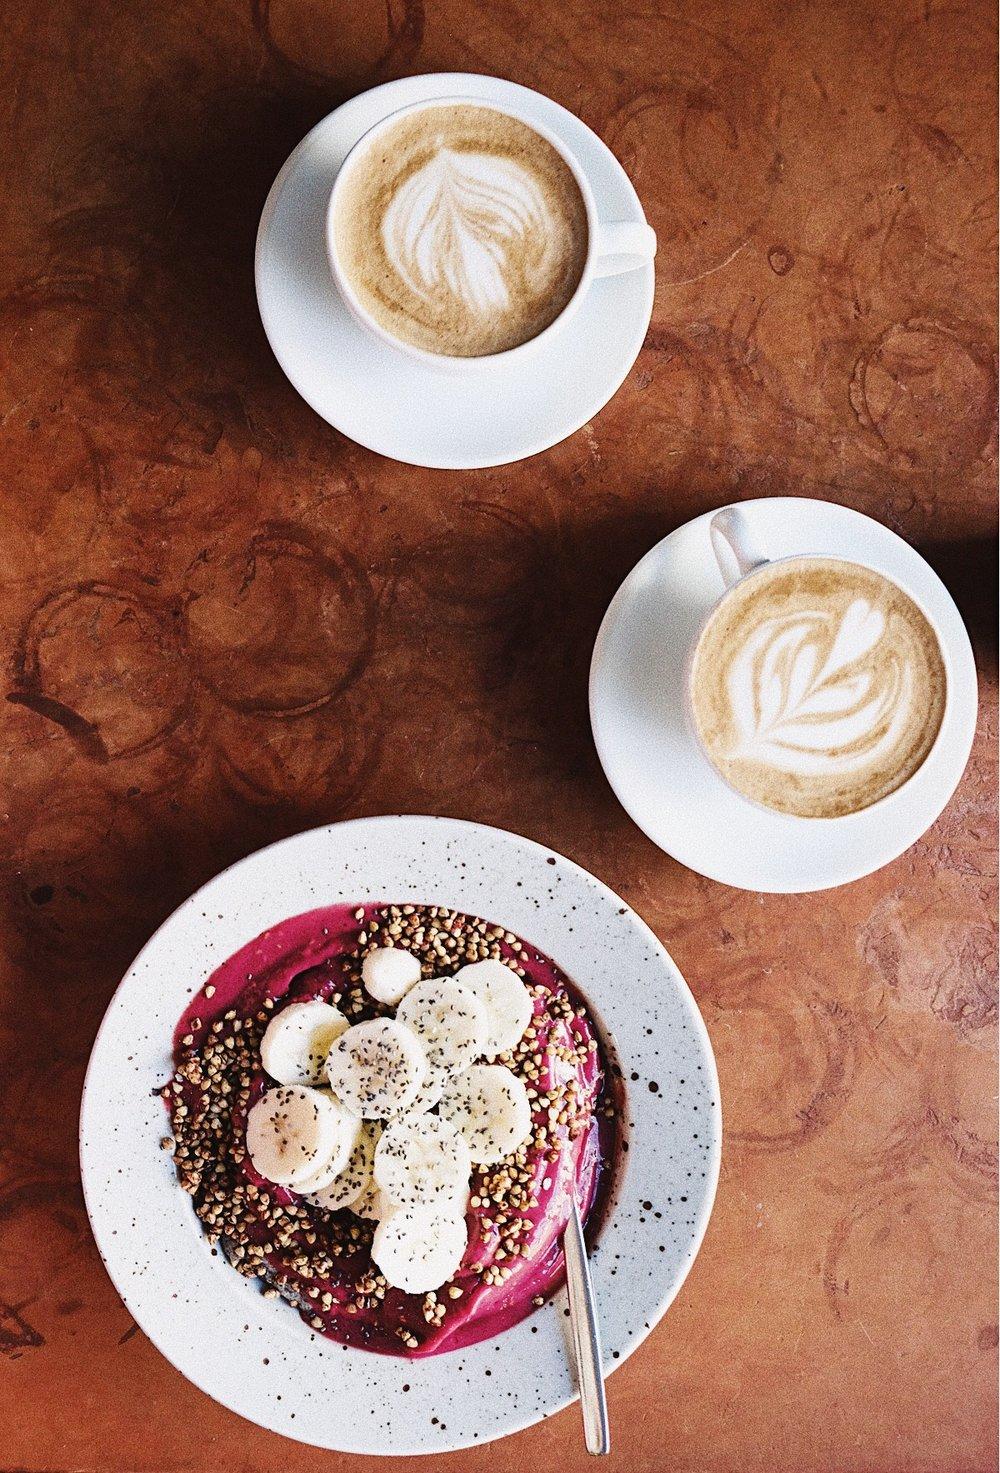 Jag åt frukost med fina  Sassa  som jag lärt känna via Sociala Medier. Så härlig och inspirerande tjej!